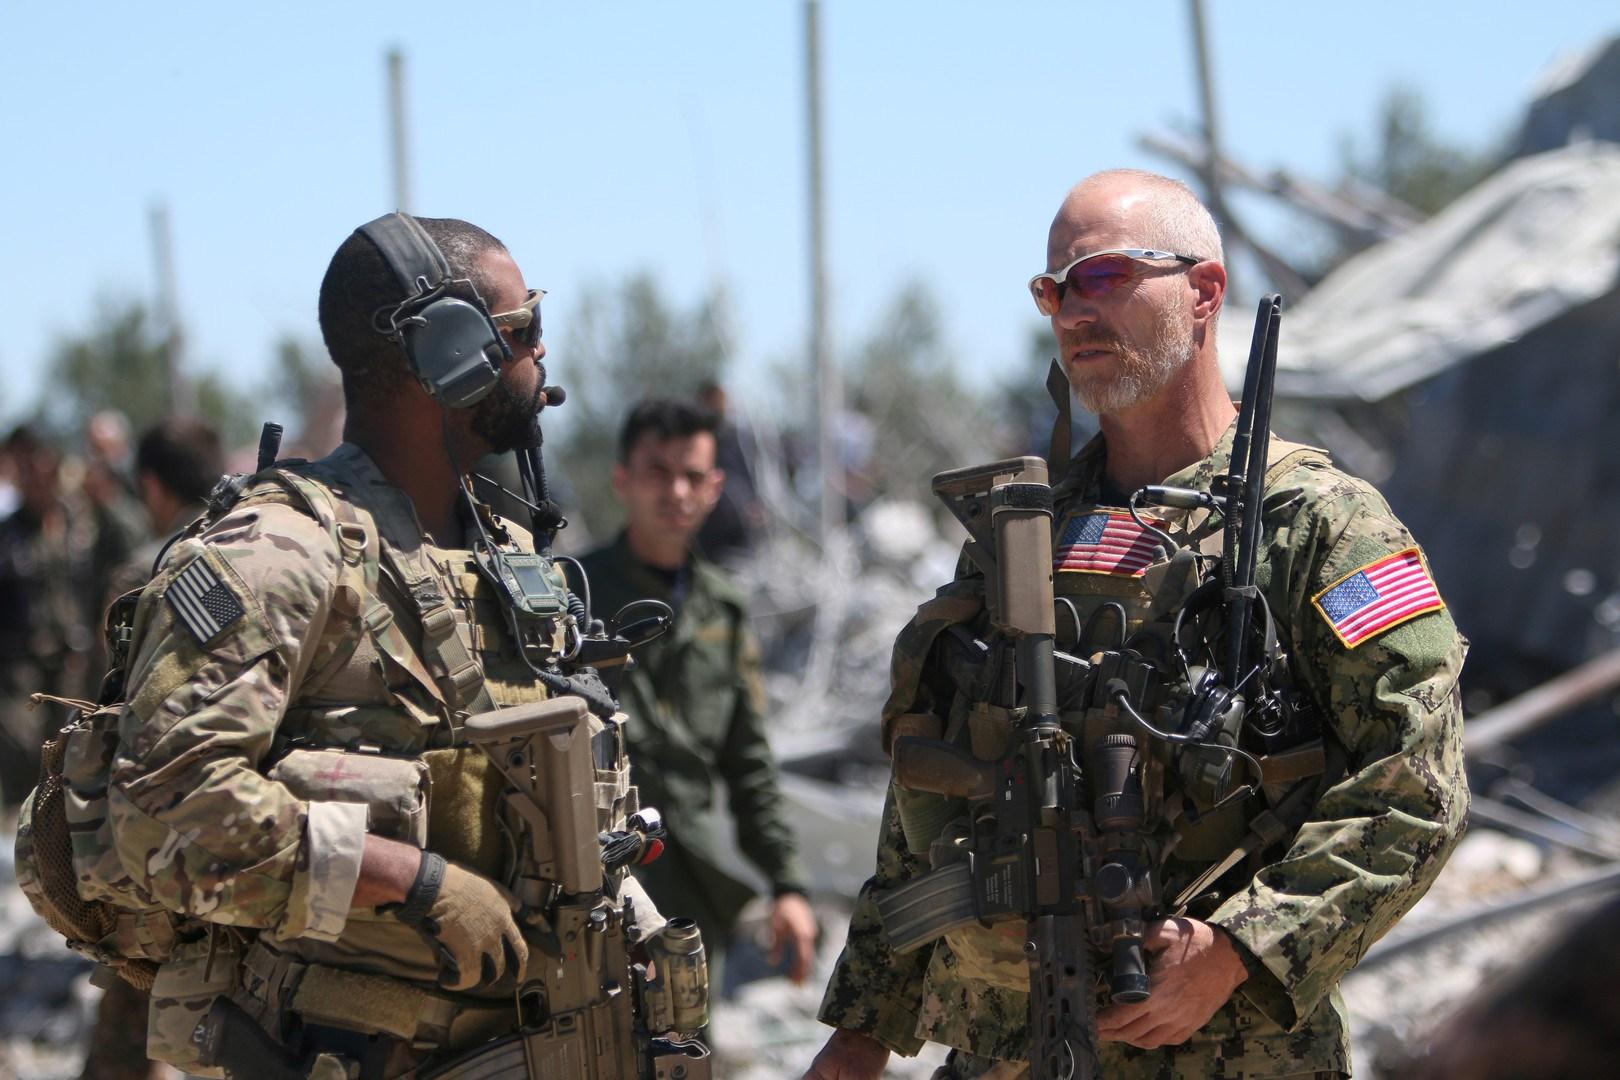 صورة تركيا: نقاط المراقبة الأمريكية بسوريا تعقد الوضع أكثر